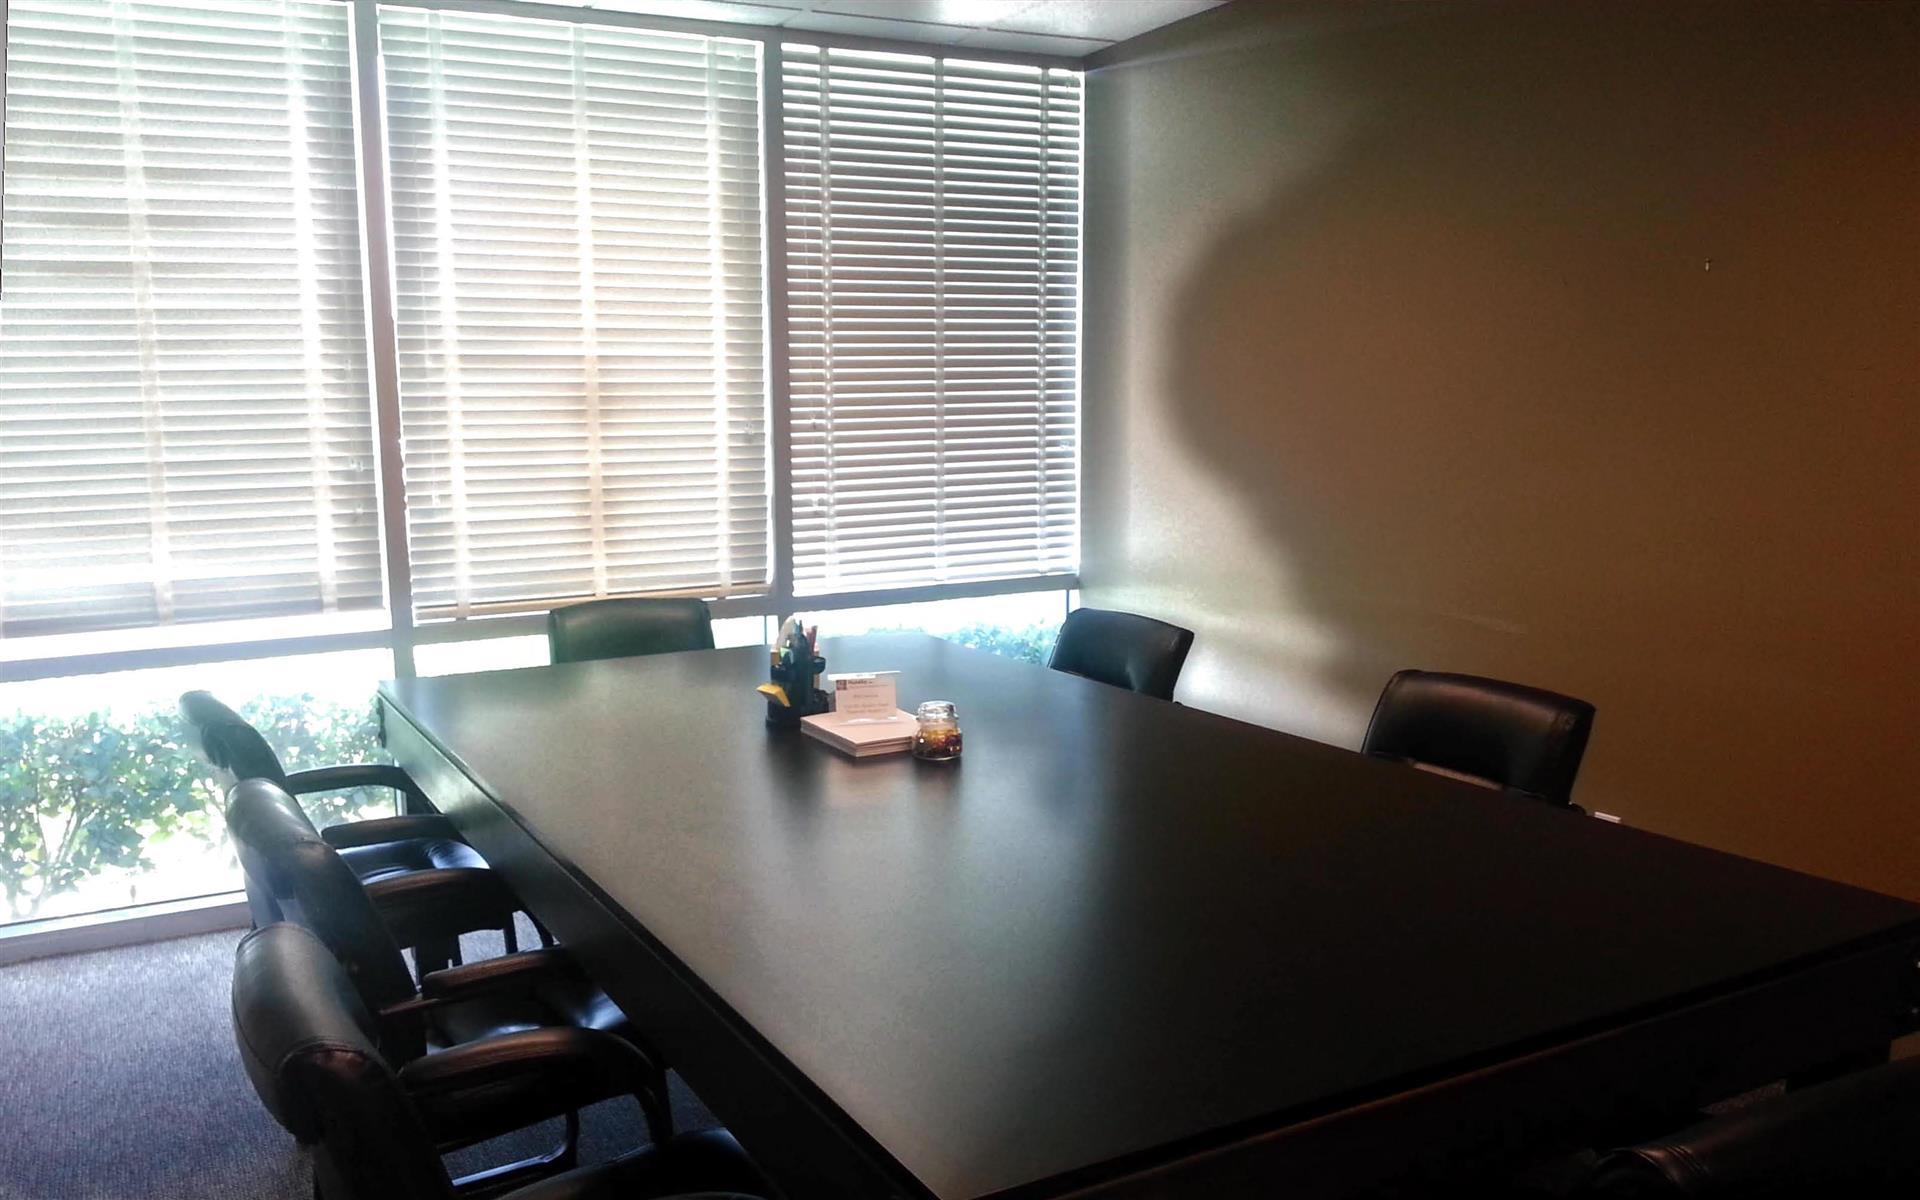 Huseby Inc. - Conference Room/Flexible Workroom 3